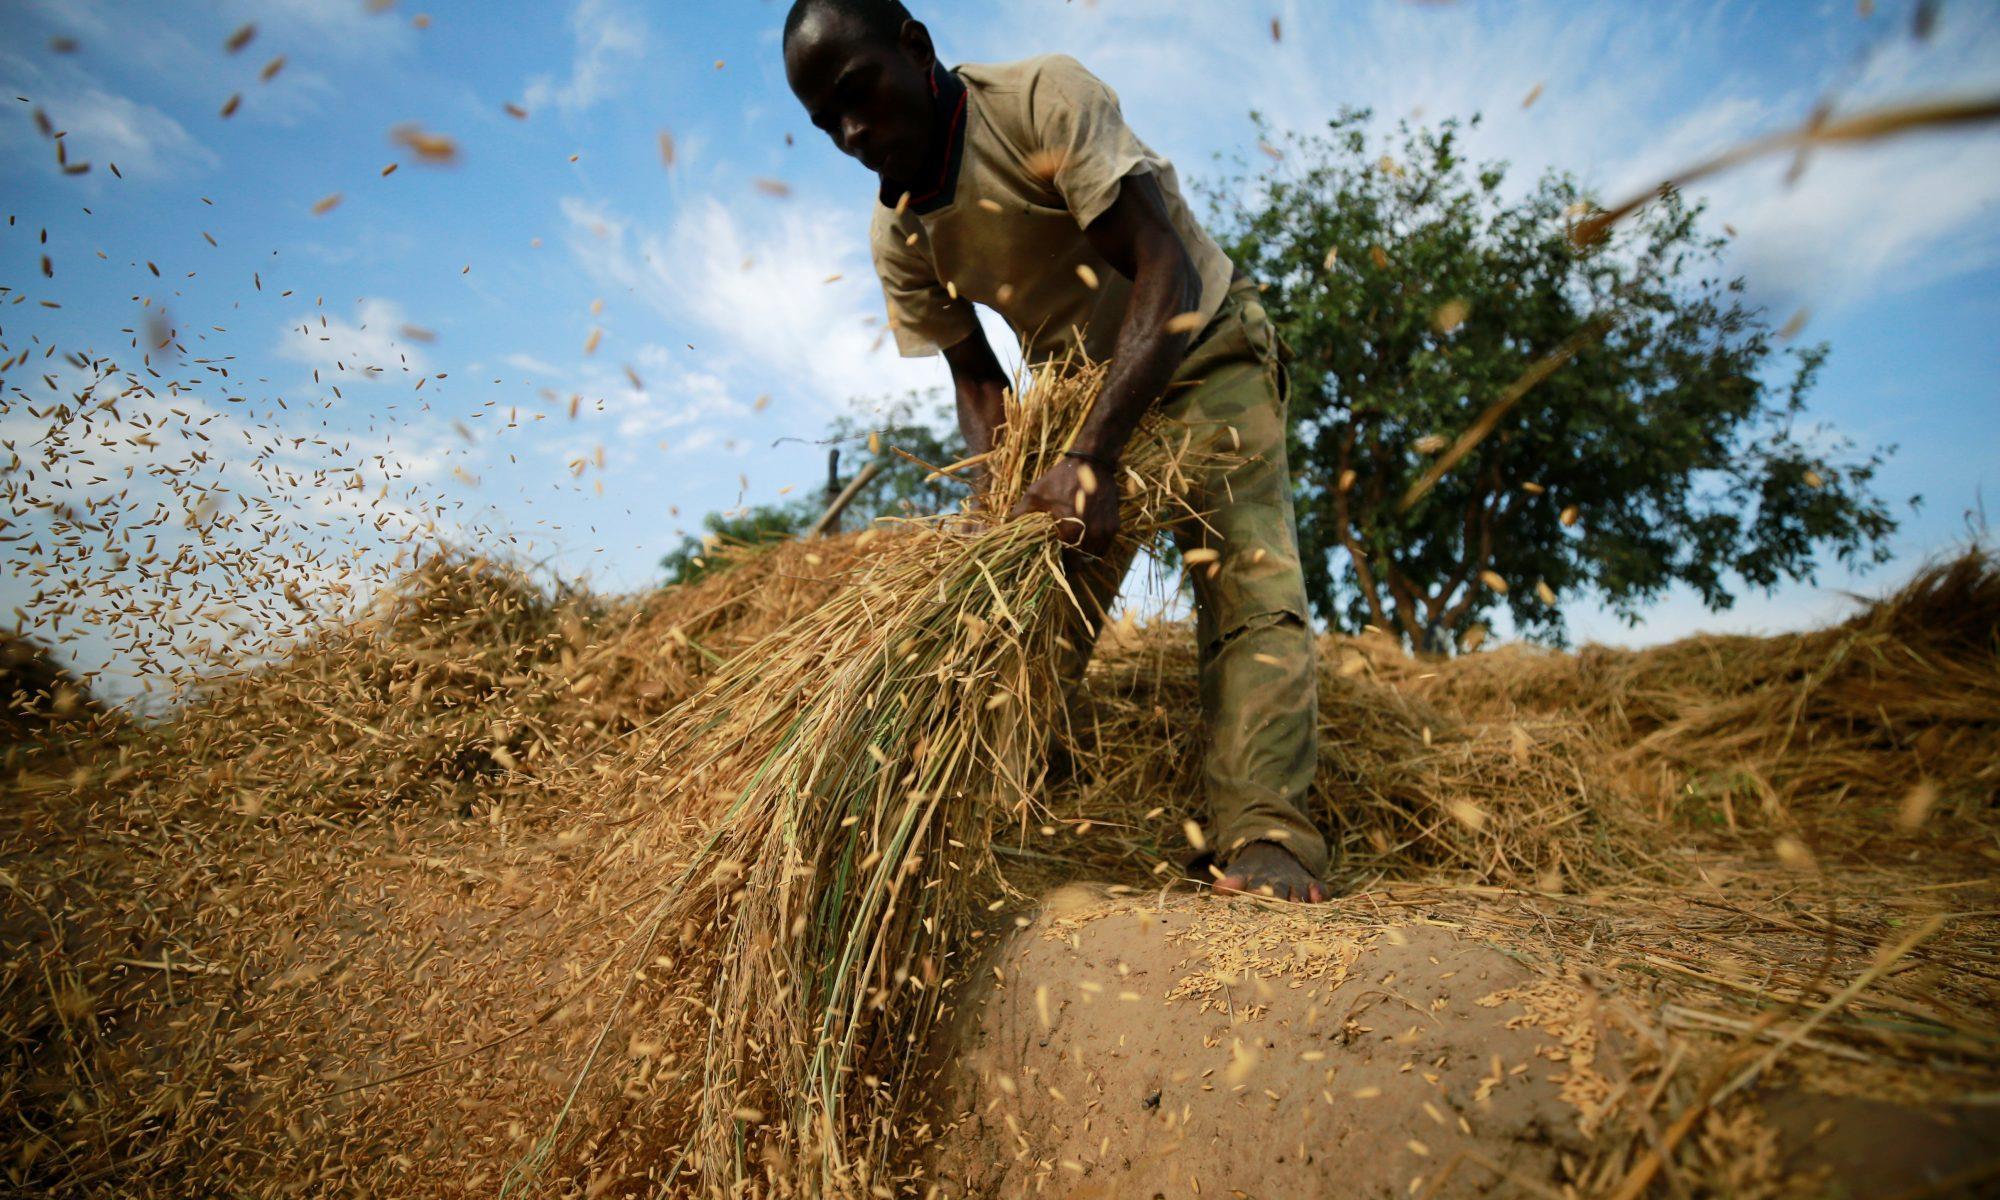 انعدام الأمن الغذائي يتهدد سكان الساحل والقرن الإفريقي